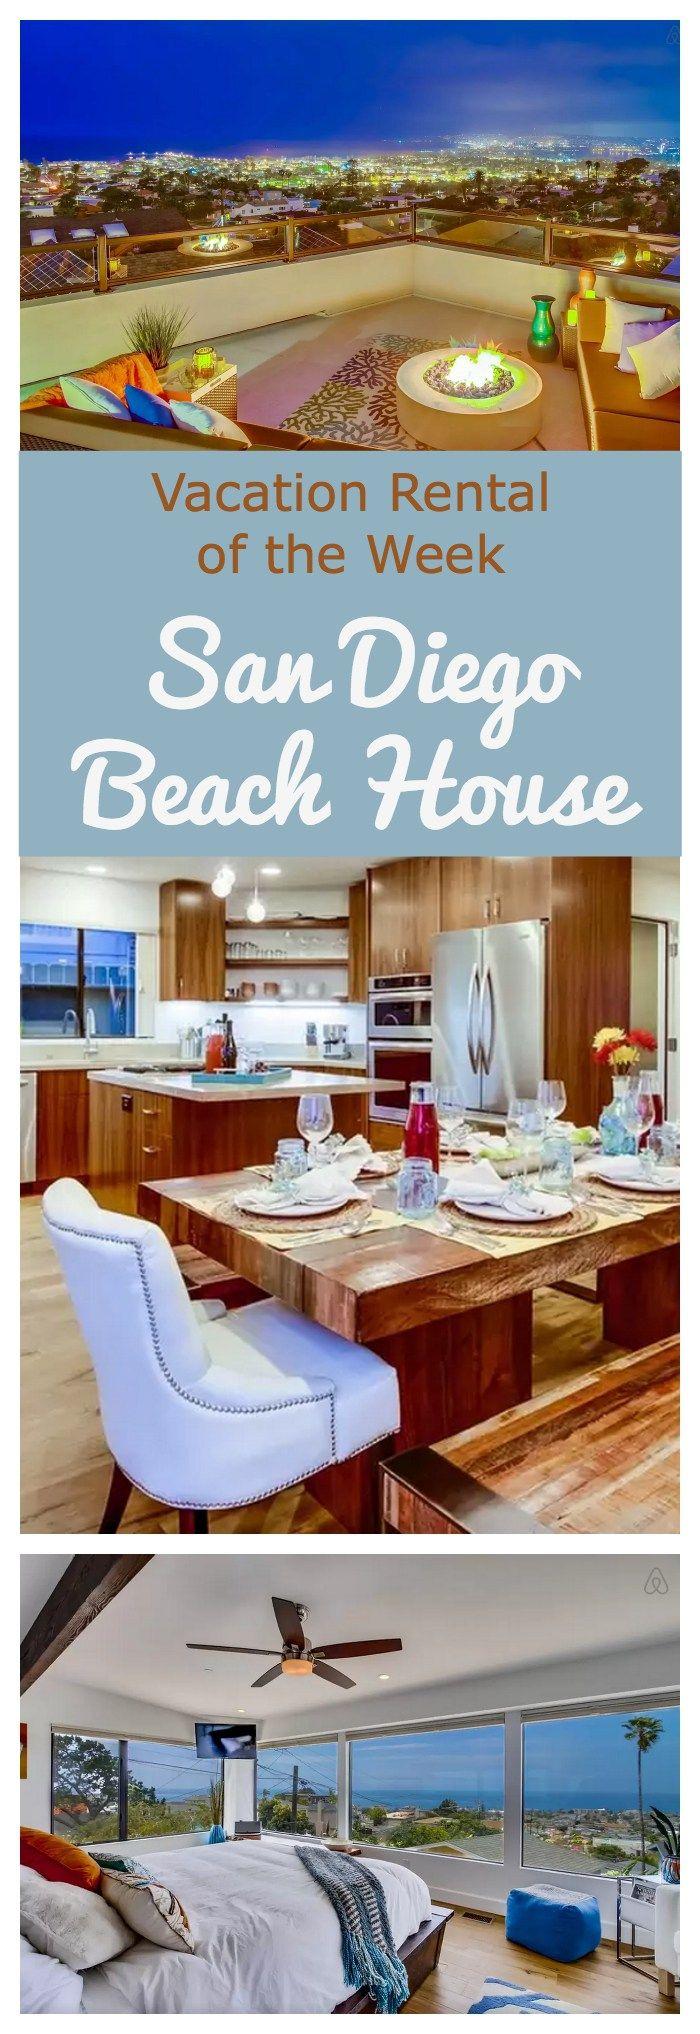 San Diego Beach House Available on Airbnb